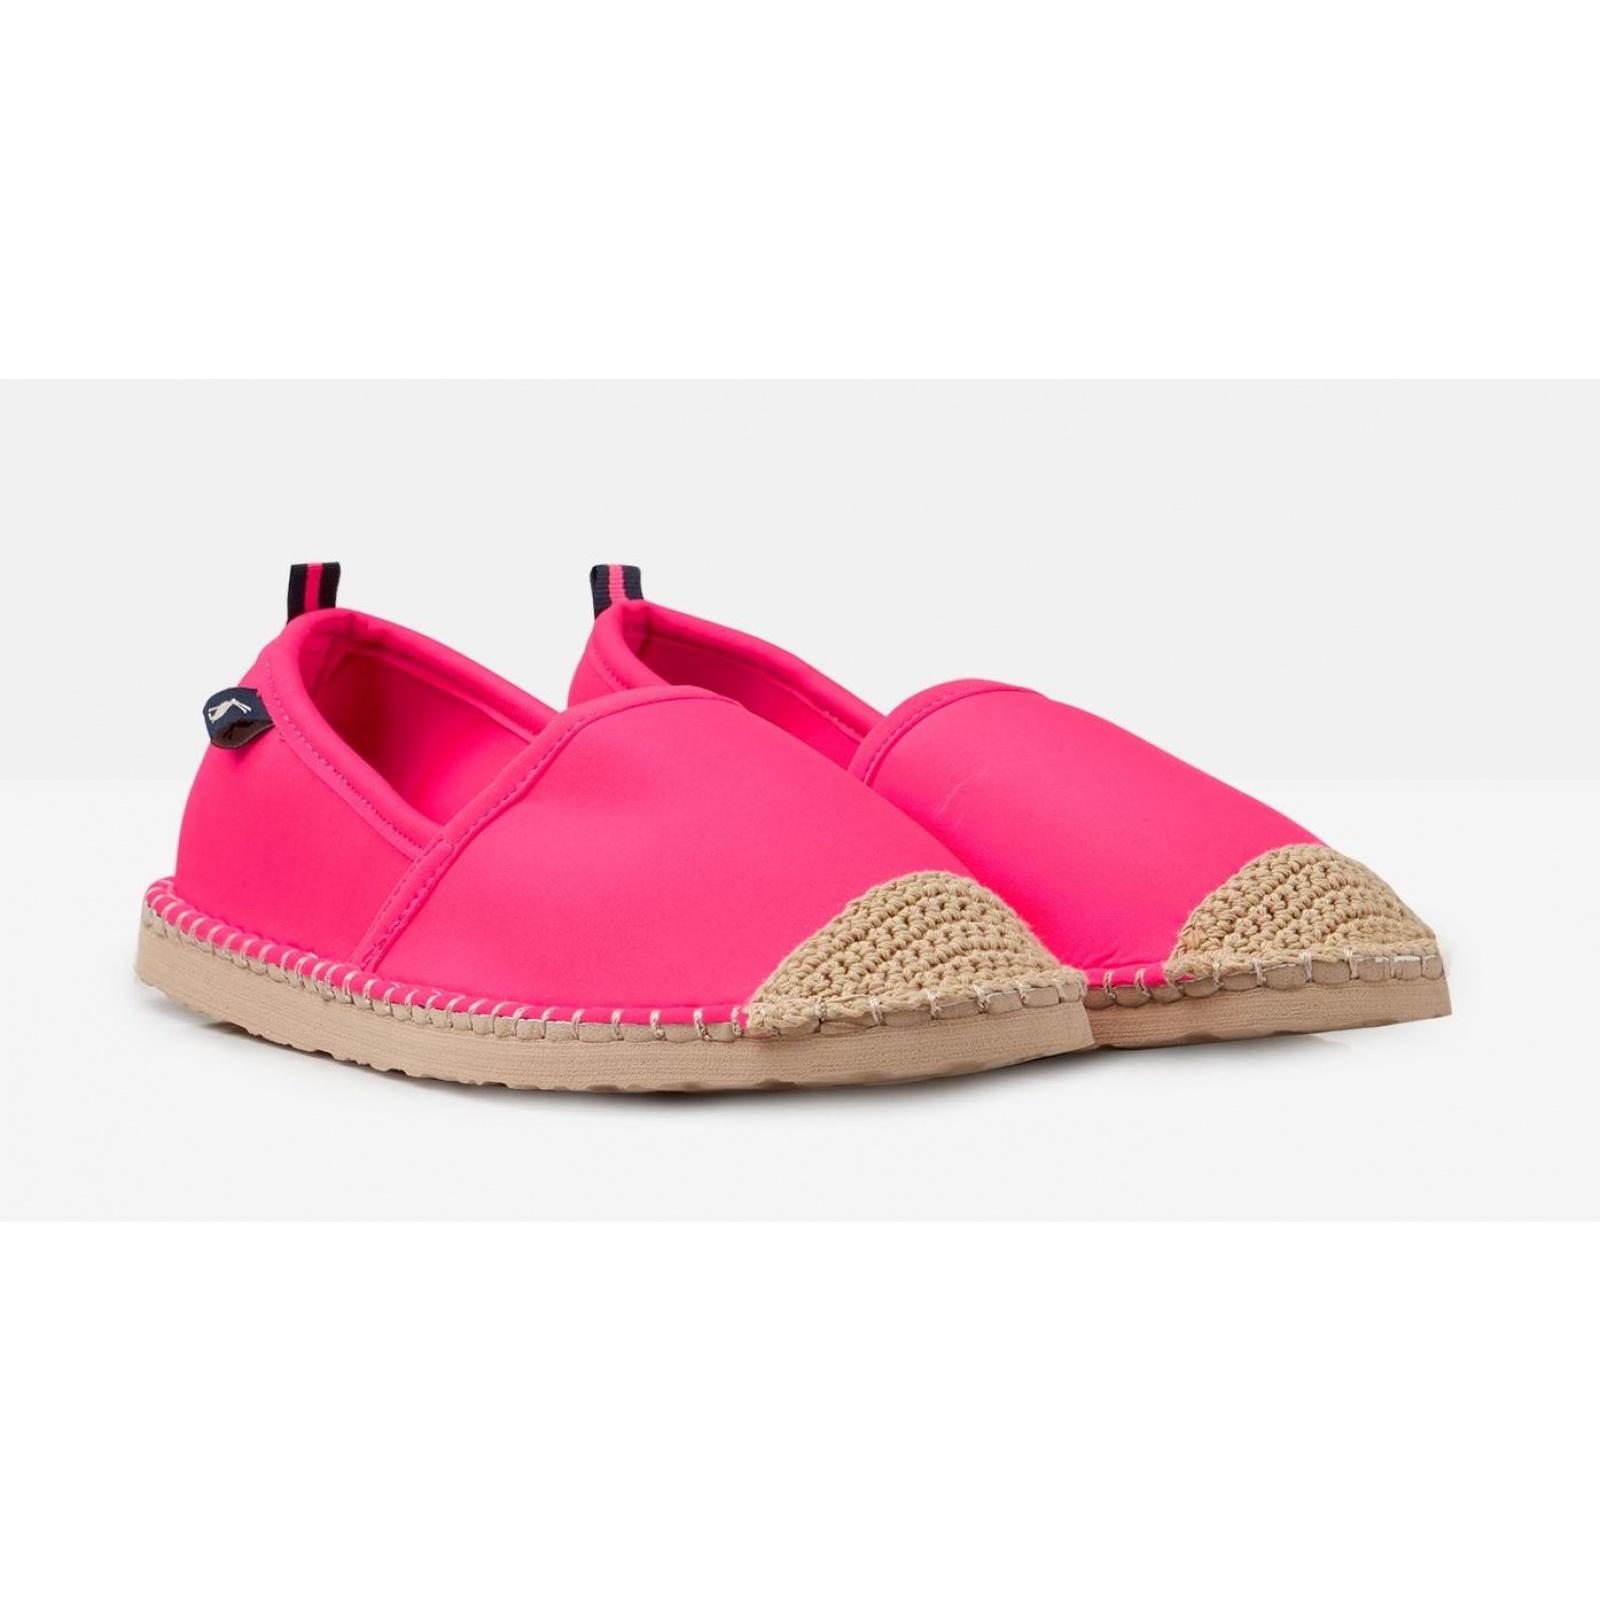 Joules-Ocean-Flipadrille-Lightweight-Summer-Shoe-SS19 miniature 8